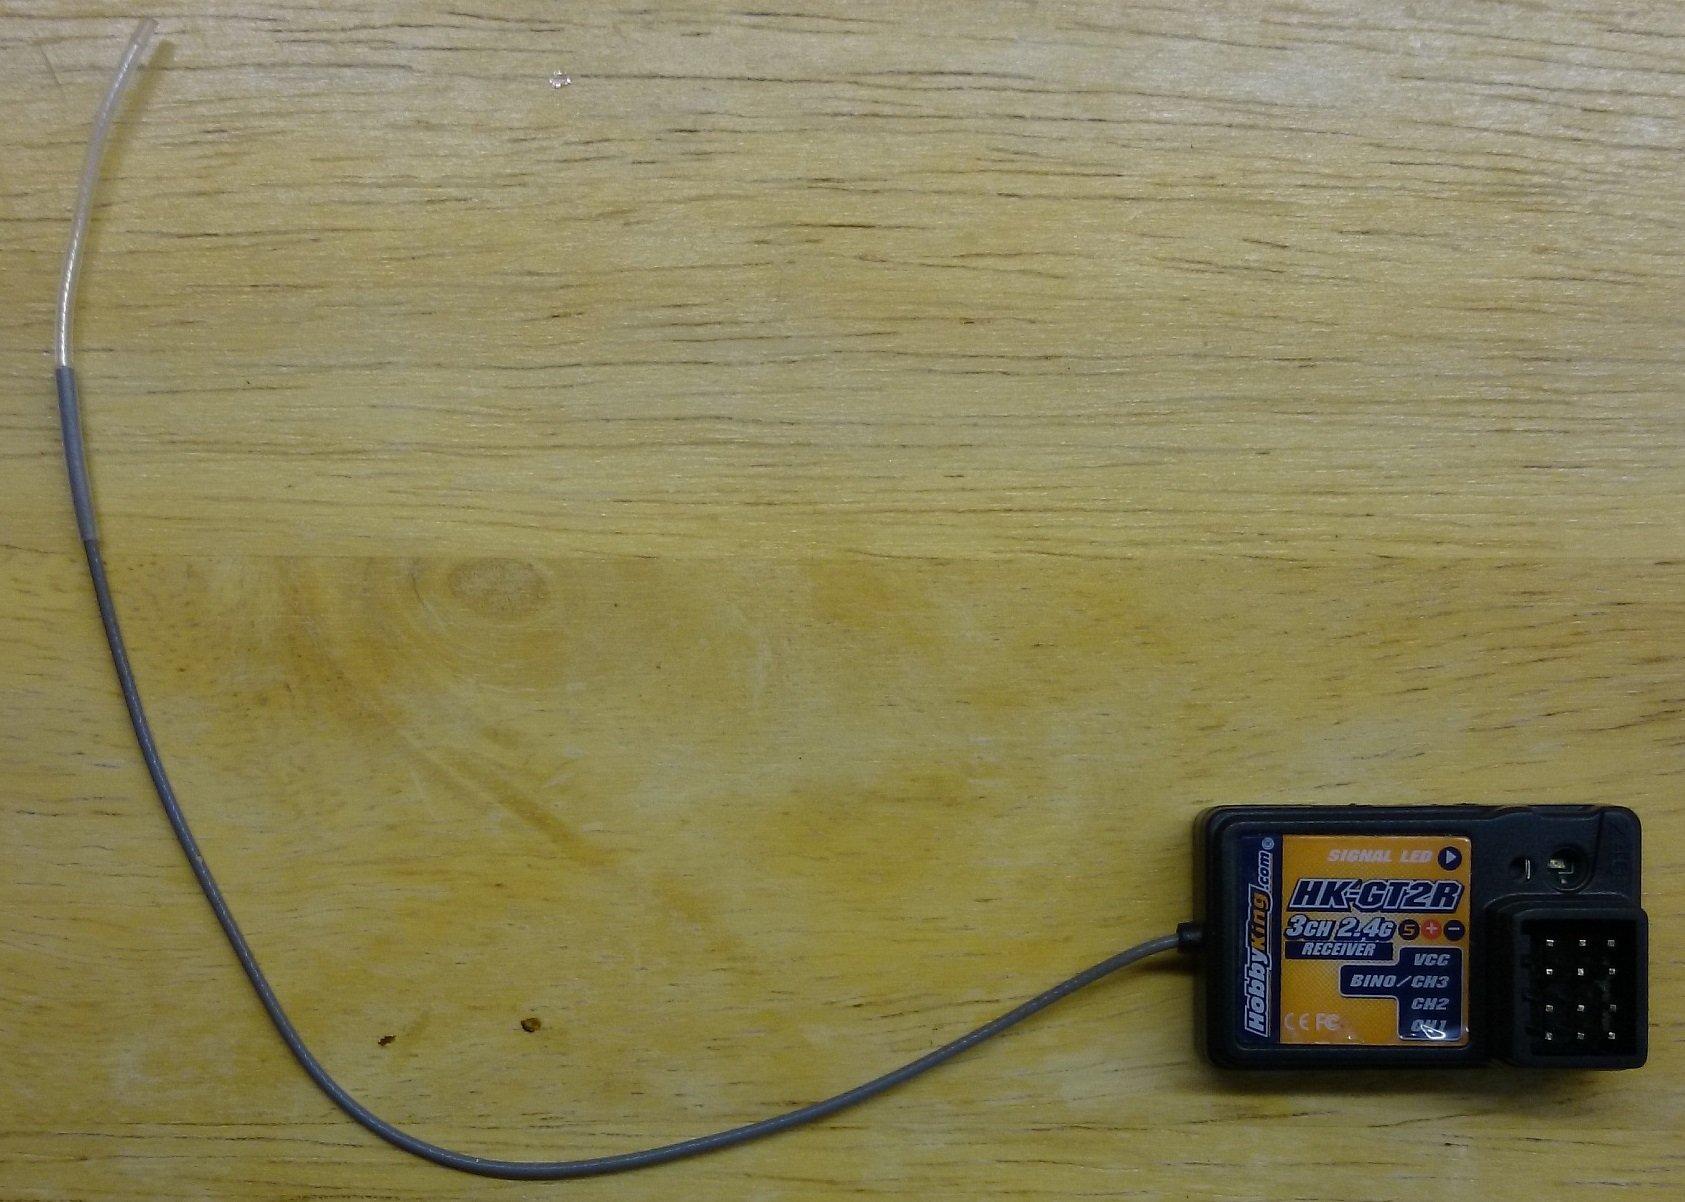 Fs Gt3b Anleitungsthread Elektronik R9b Wiring Diagrams Funktioniert